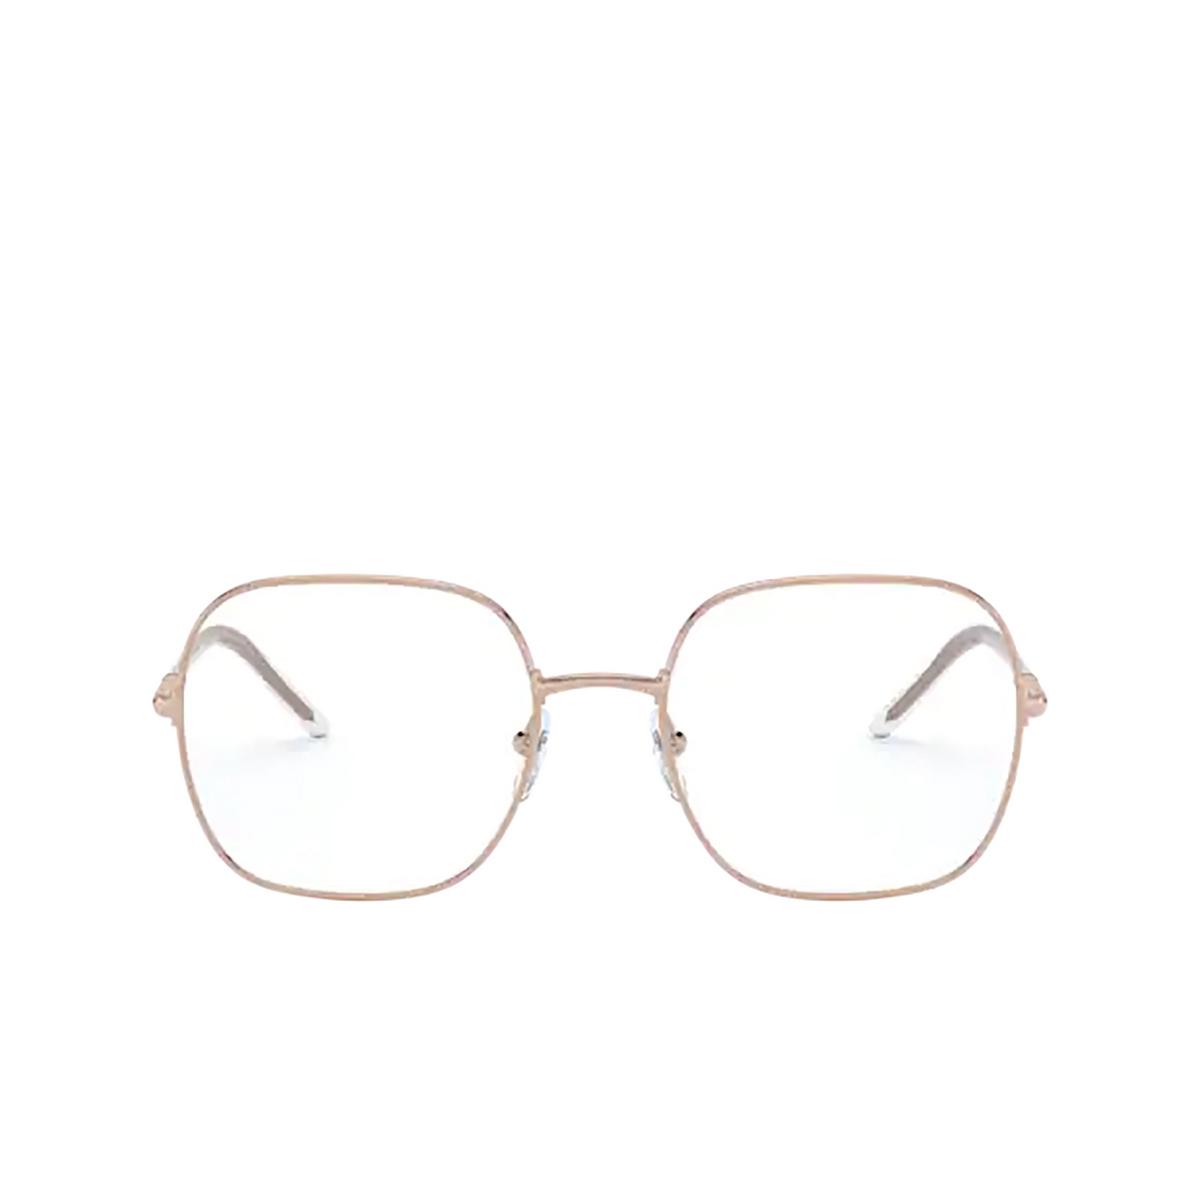 Prada® Rectangle Eyeglasses: PR 56WV color Pink Gold SVF1O1 - front view.